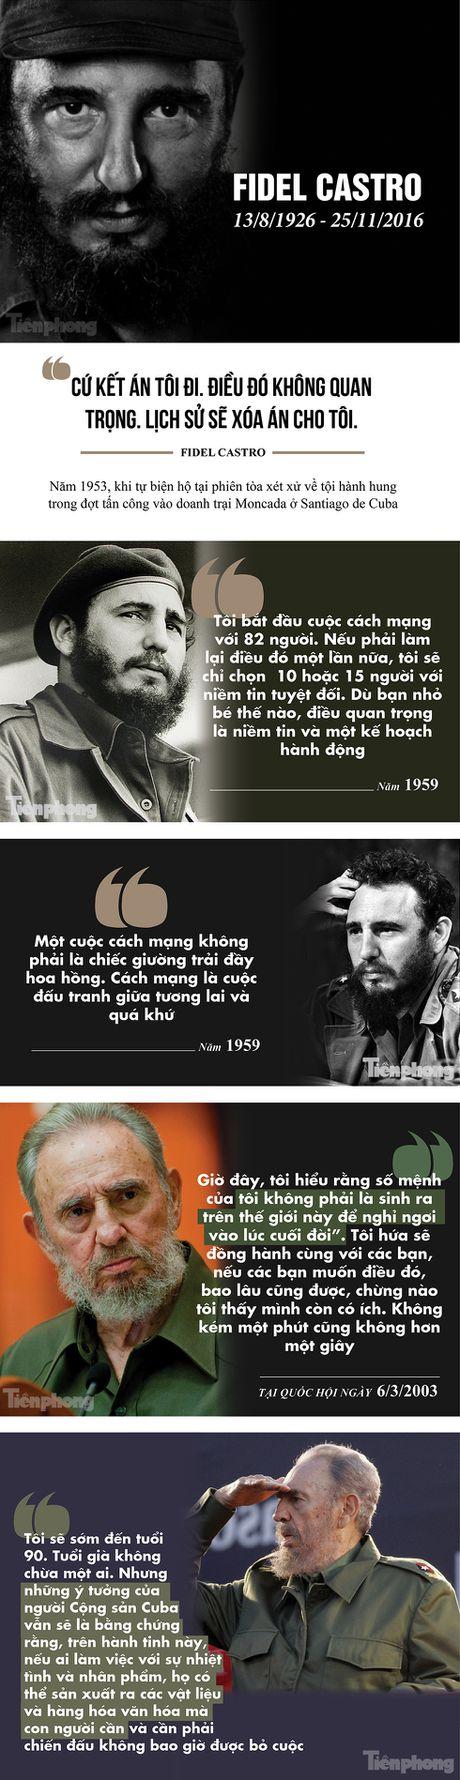 Nhung cau noi bat hu cua Fidel Castro - Anh 1